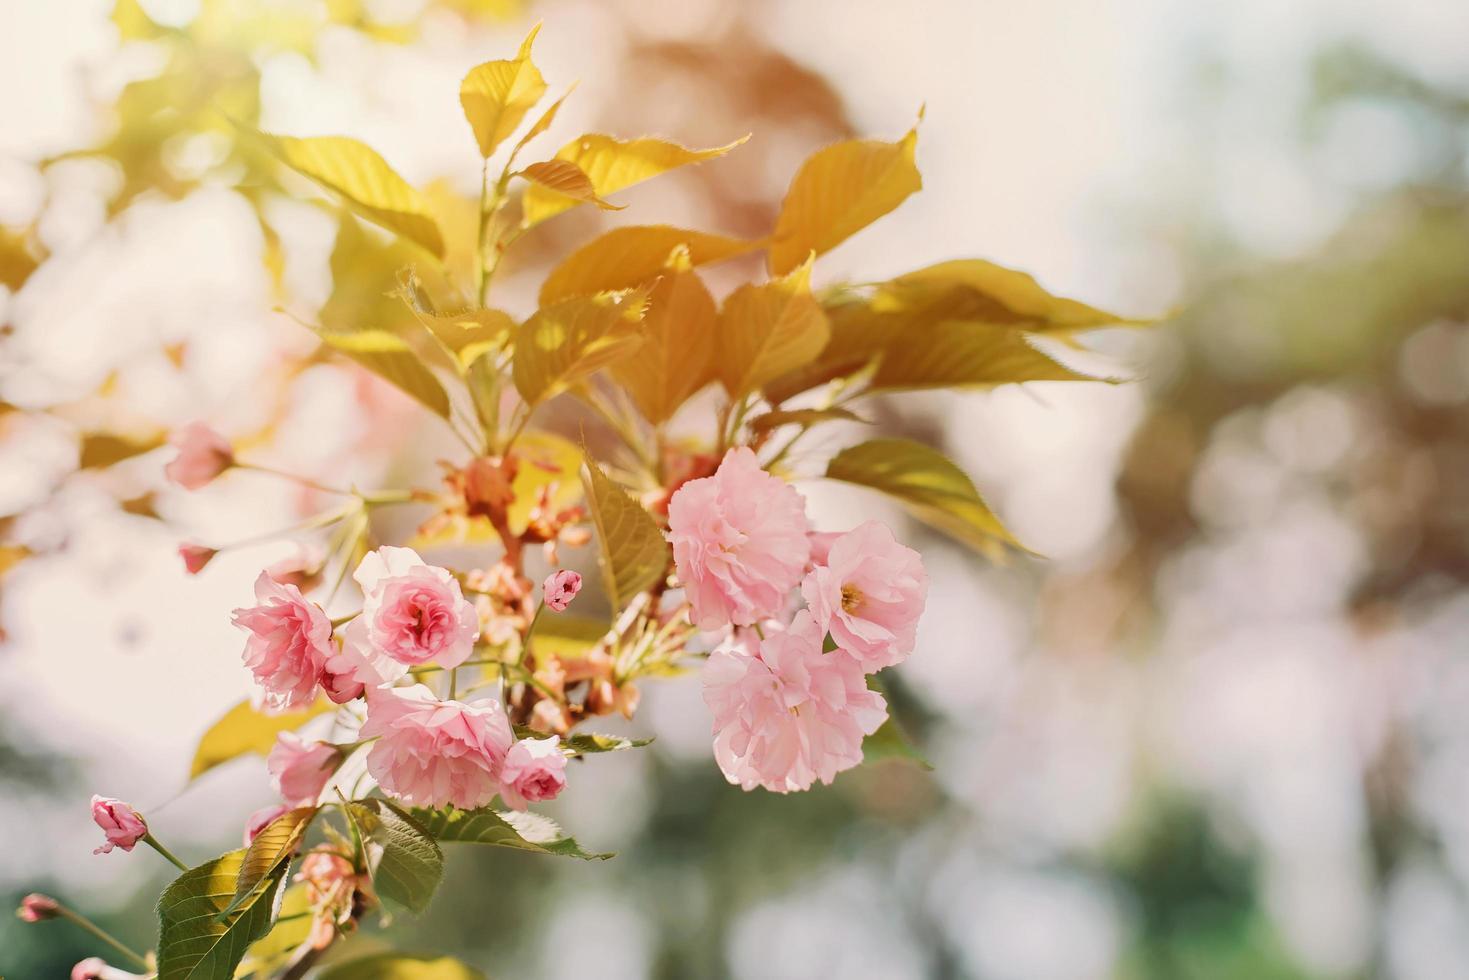 takjes roze sakura bloeien in de zon. zachte selectieve focus. lente bloemen textuur. foto